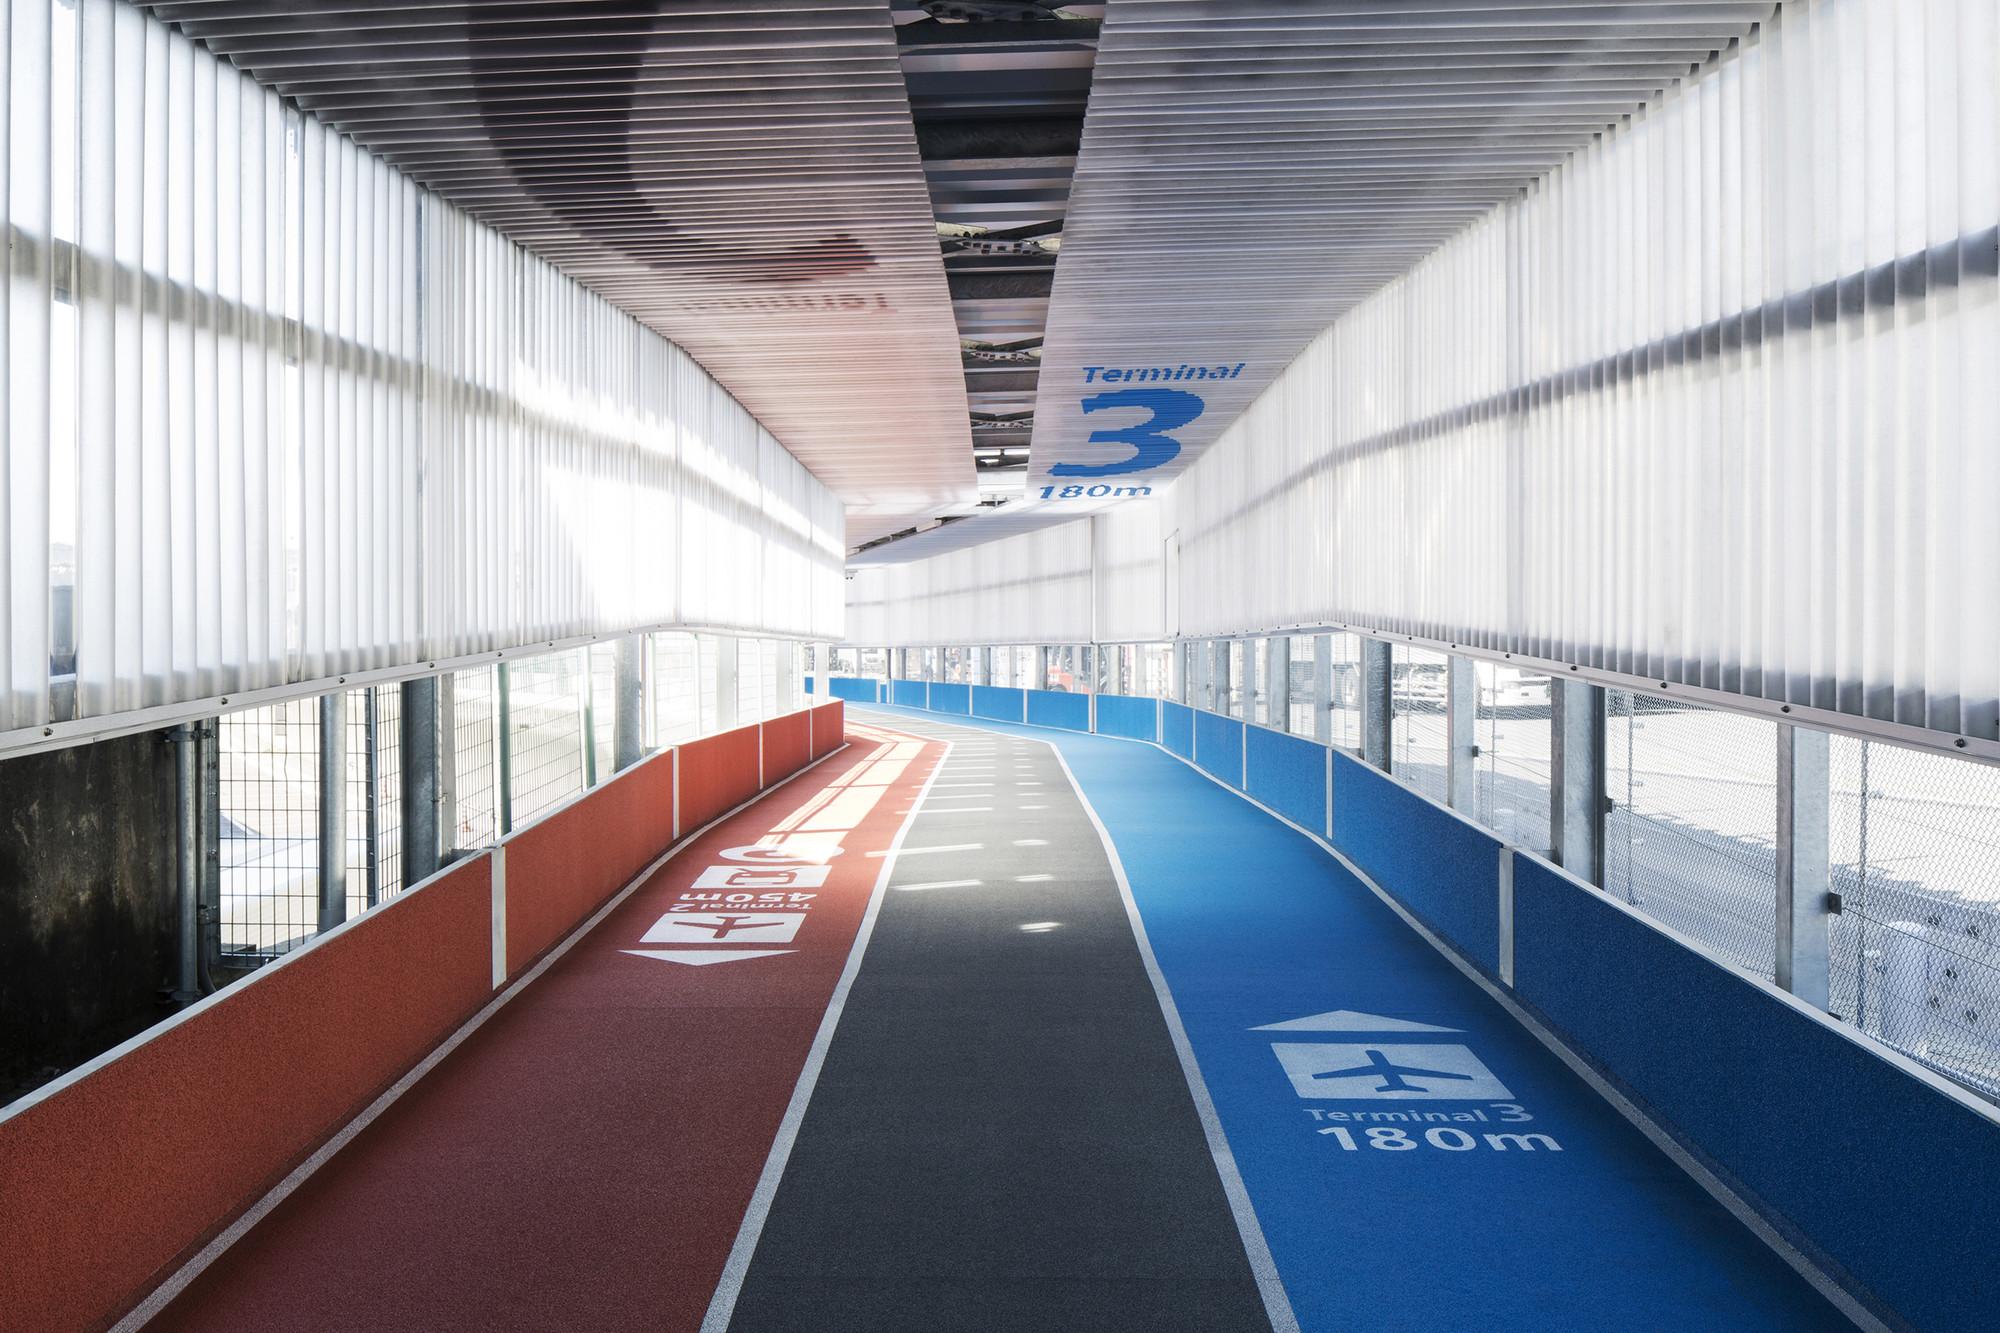 Aeropuerto Internacional de Narita Terminal 3 / NIKKEN SEKKEI + Ryohin Keikaku  + PARTY, © Kenta Hasegawa